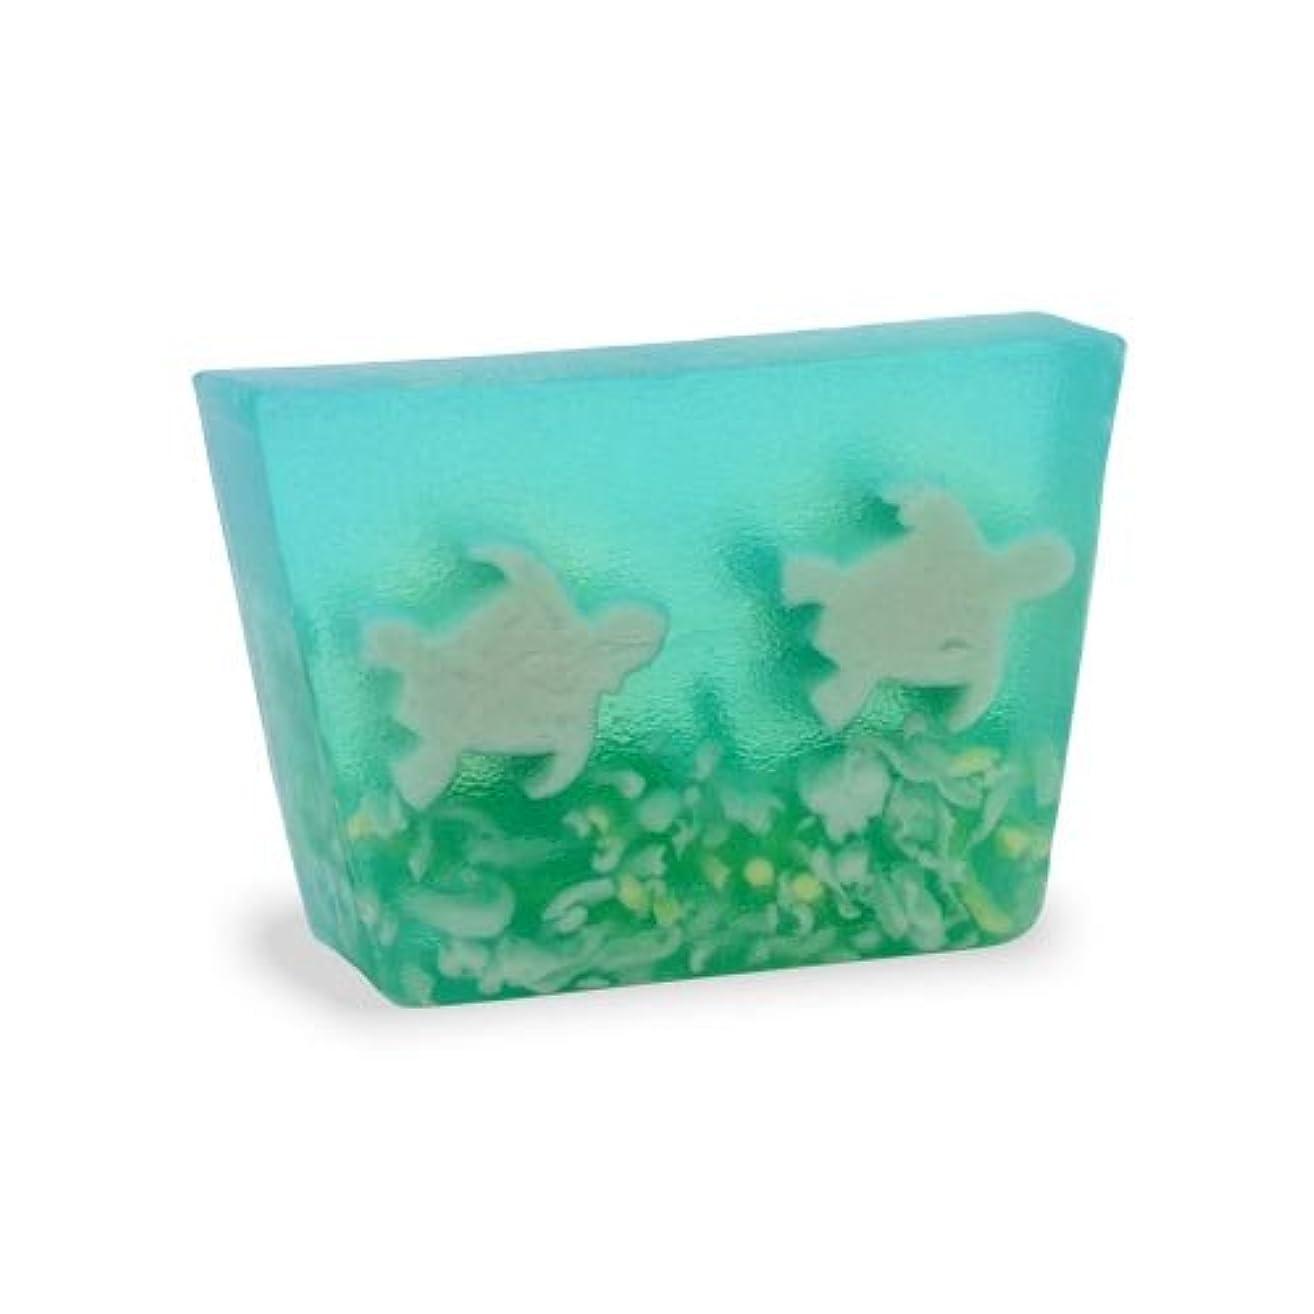 摩擦レンド水分プライモールエレメンツ アロマティック ミニソープ シータートルズ 80g 植物性 ナチュラル 石鹸 無添加